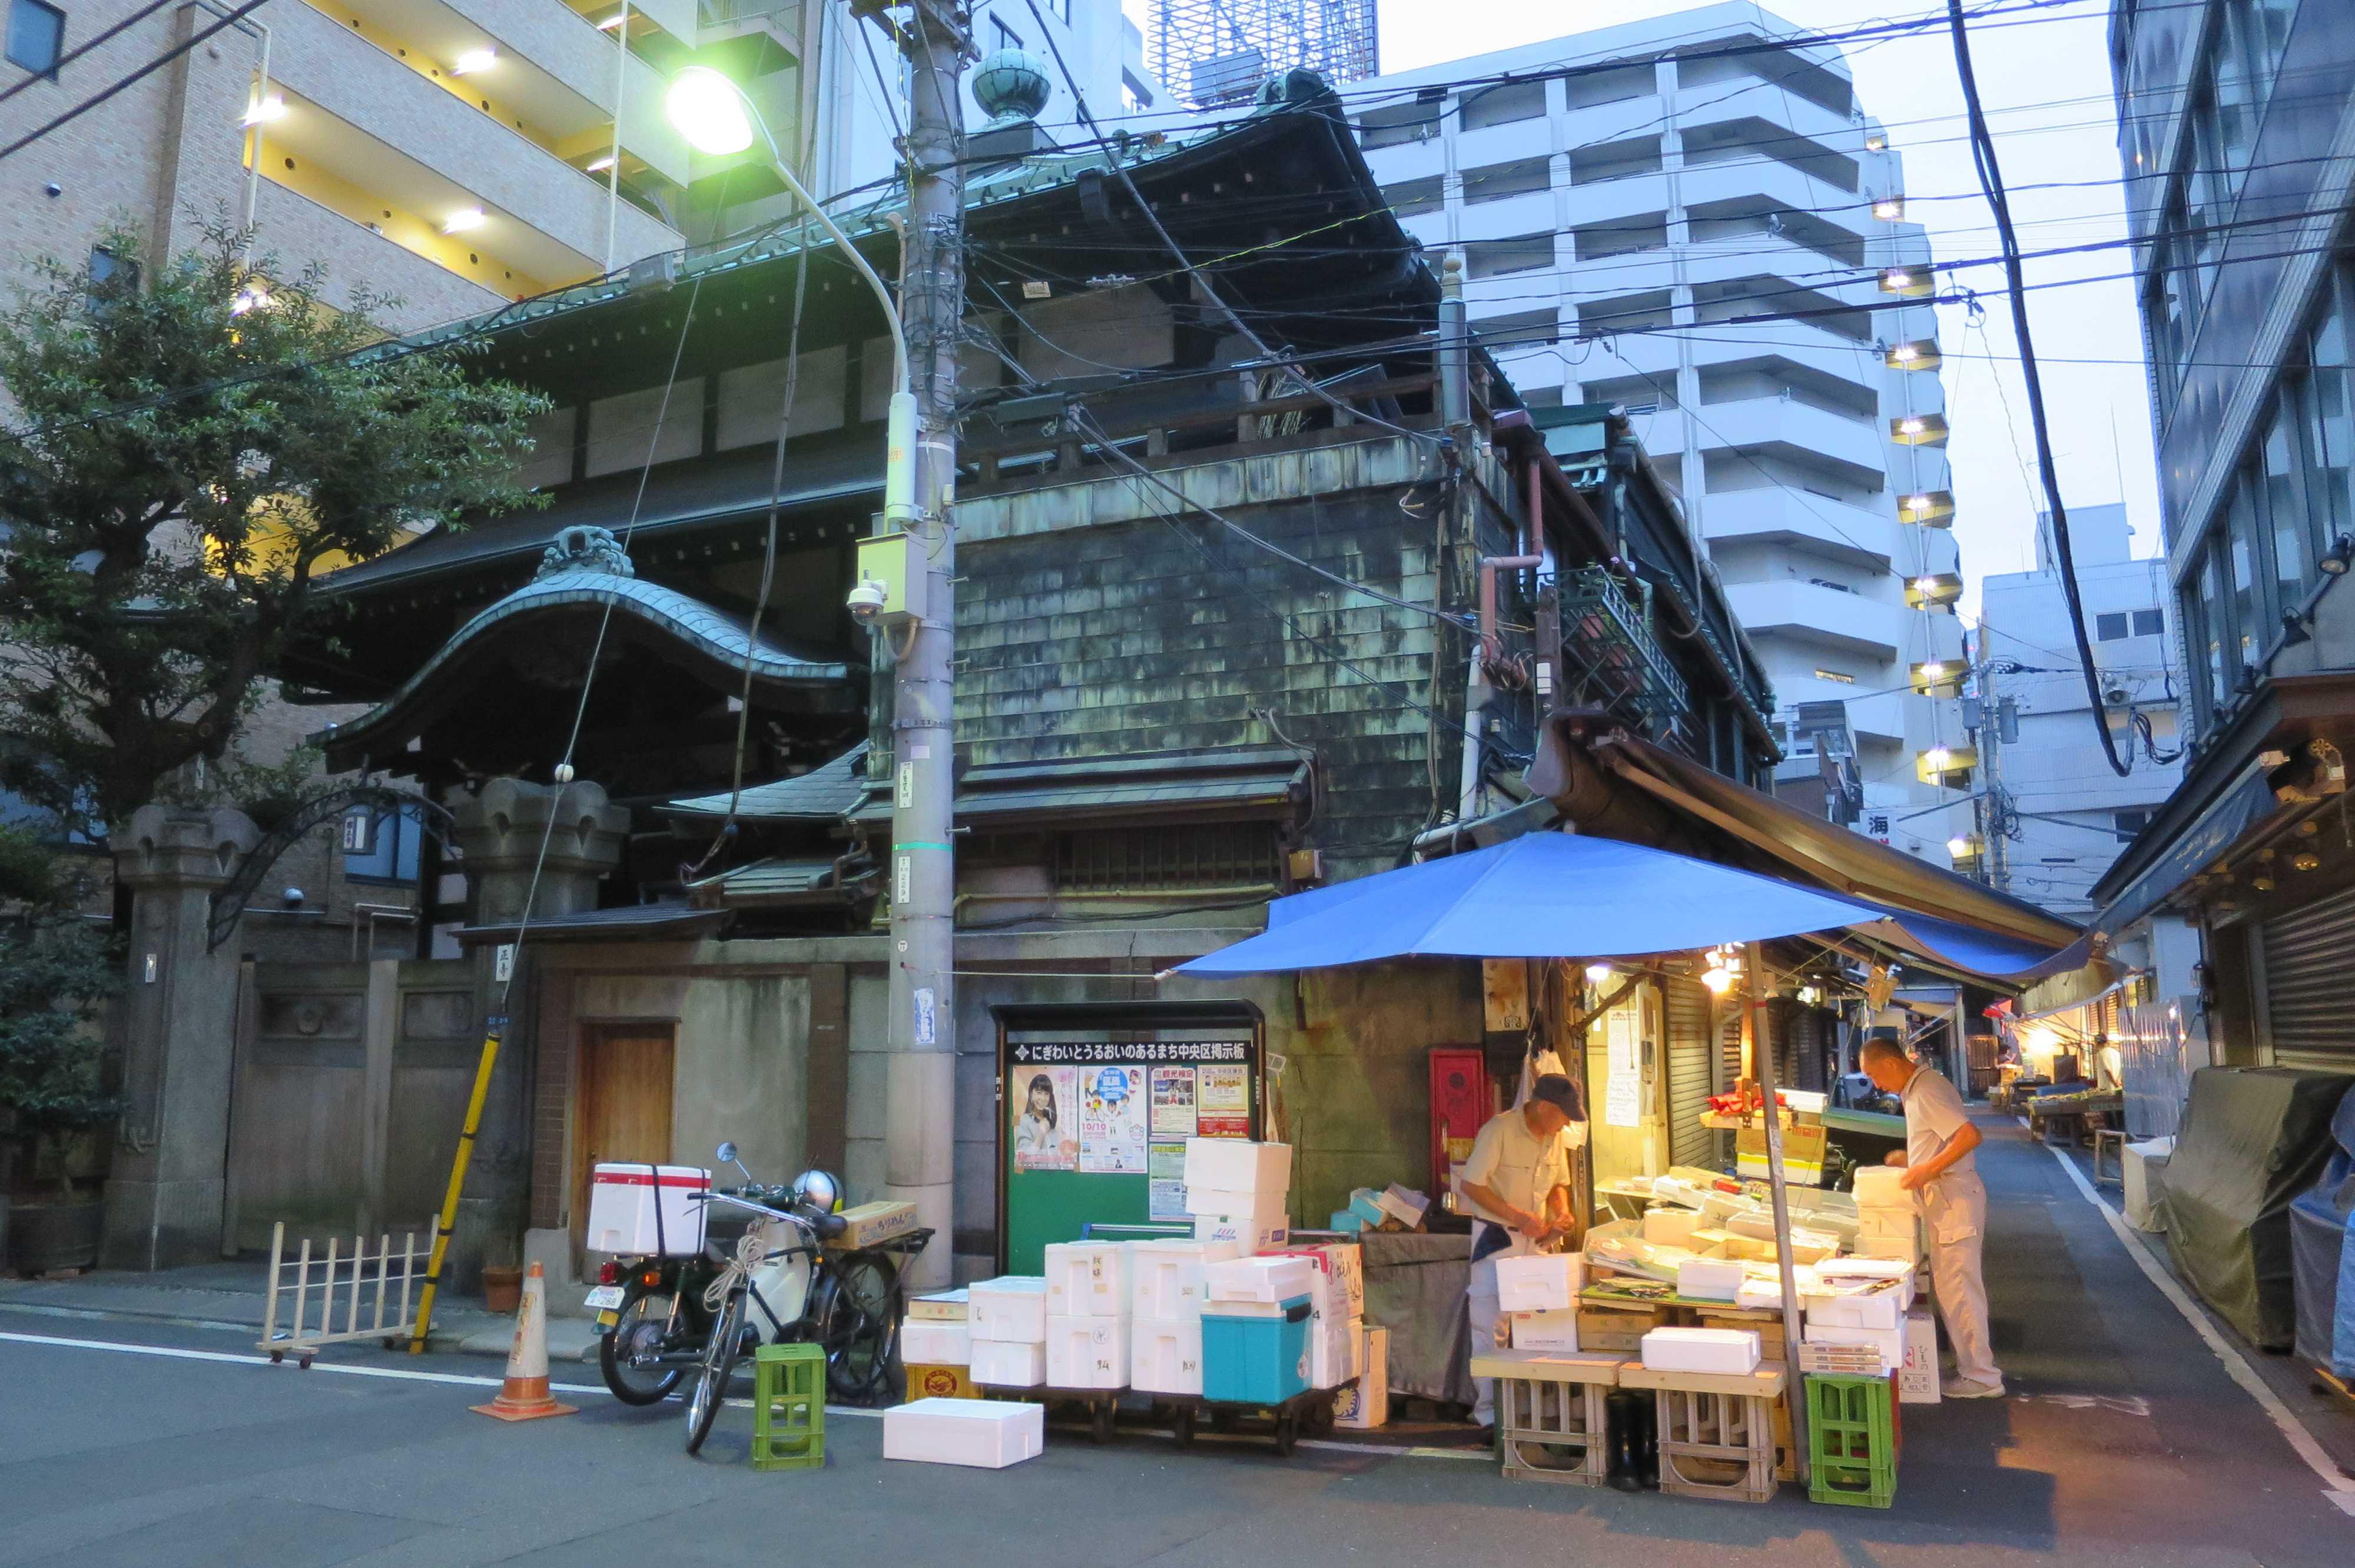 築地場外市場 - お寺(円正寺)とお店(露店)